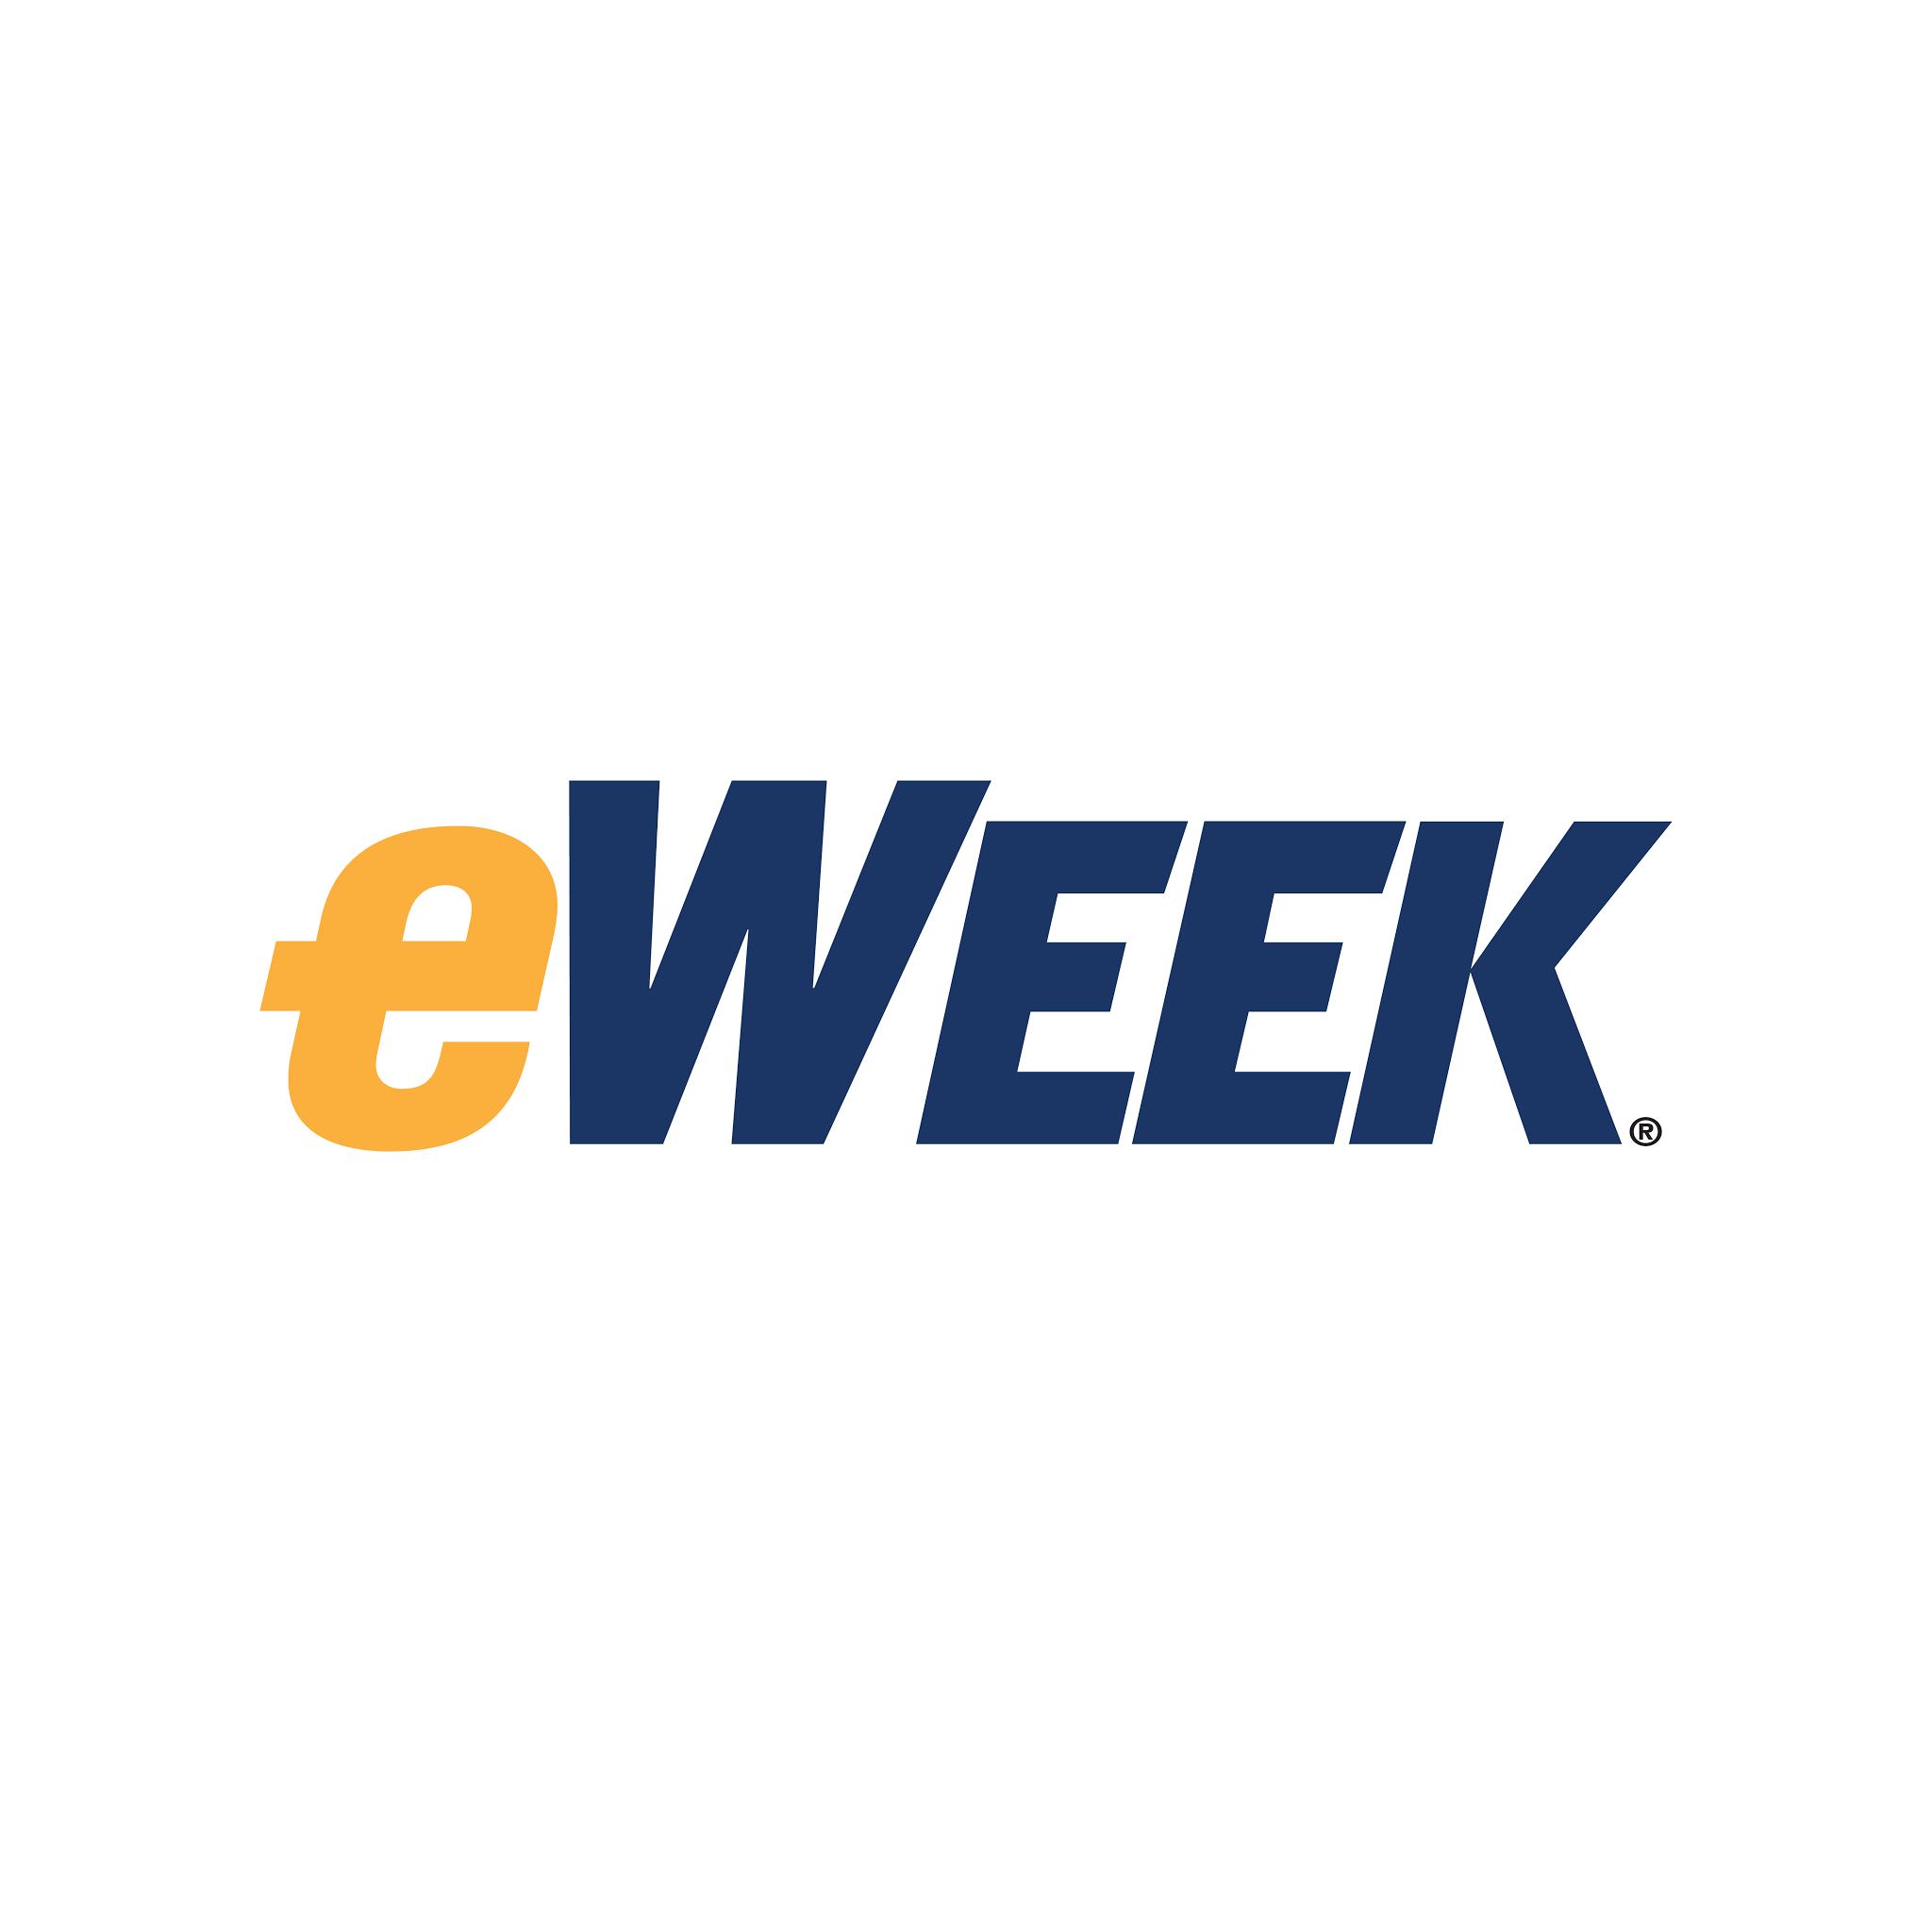 eWeek (8.19.15)